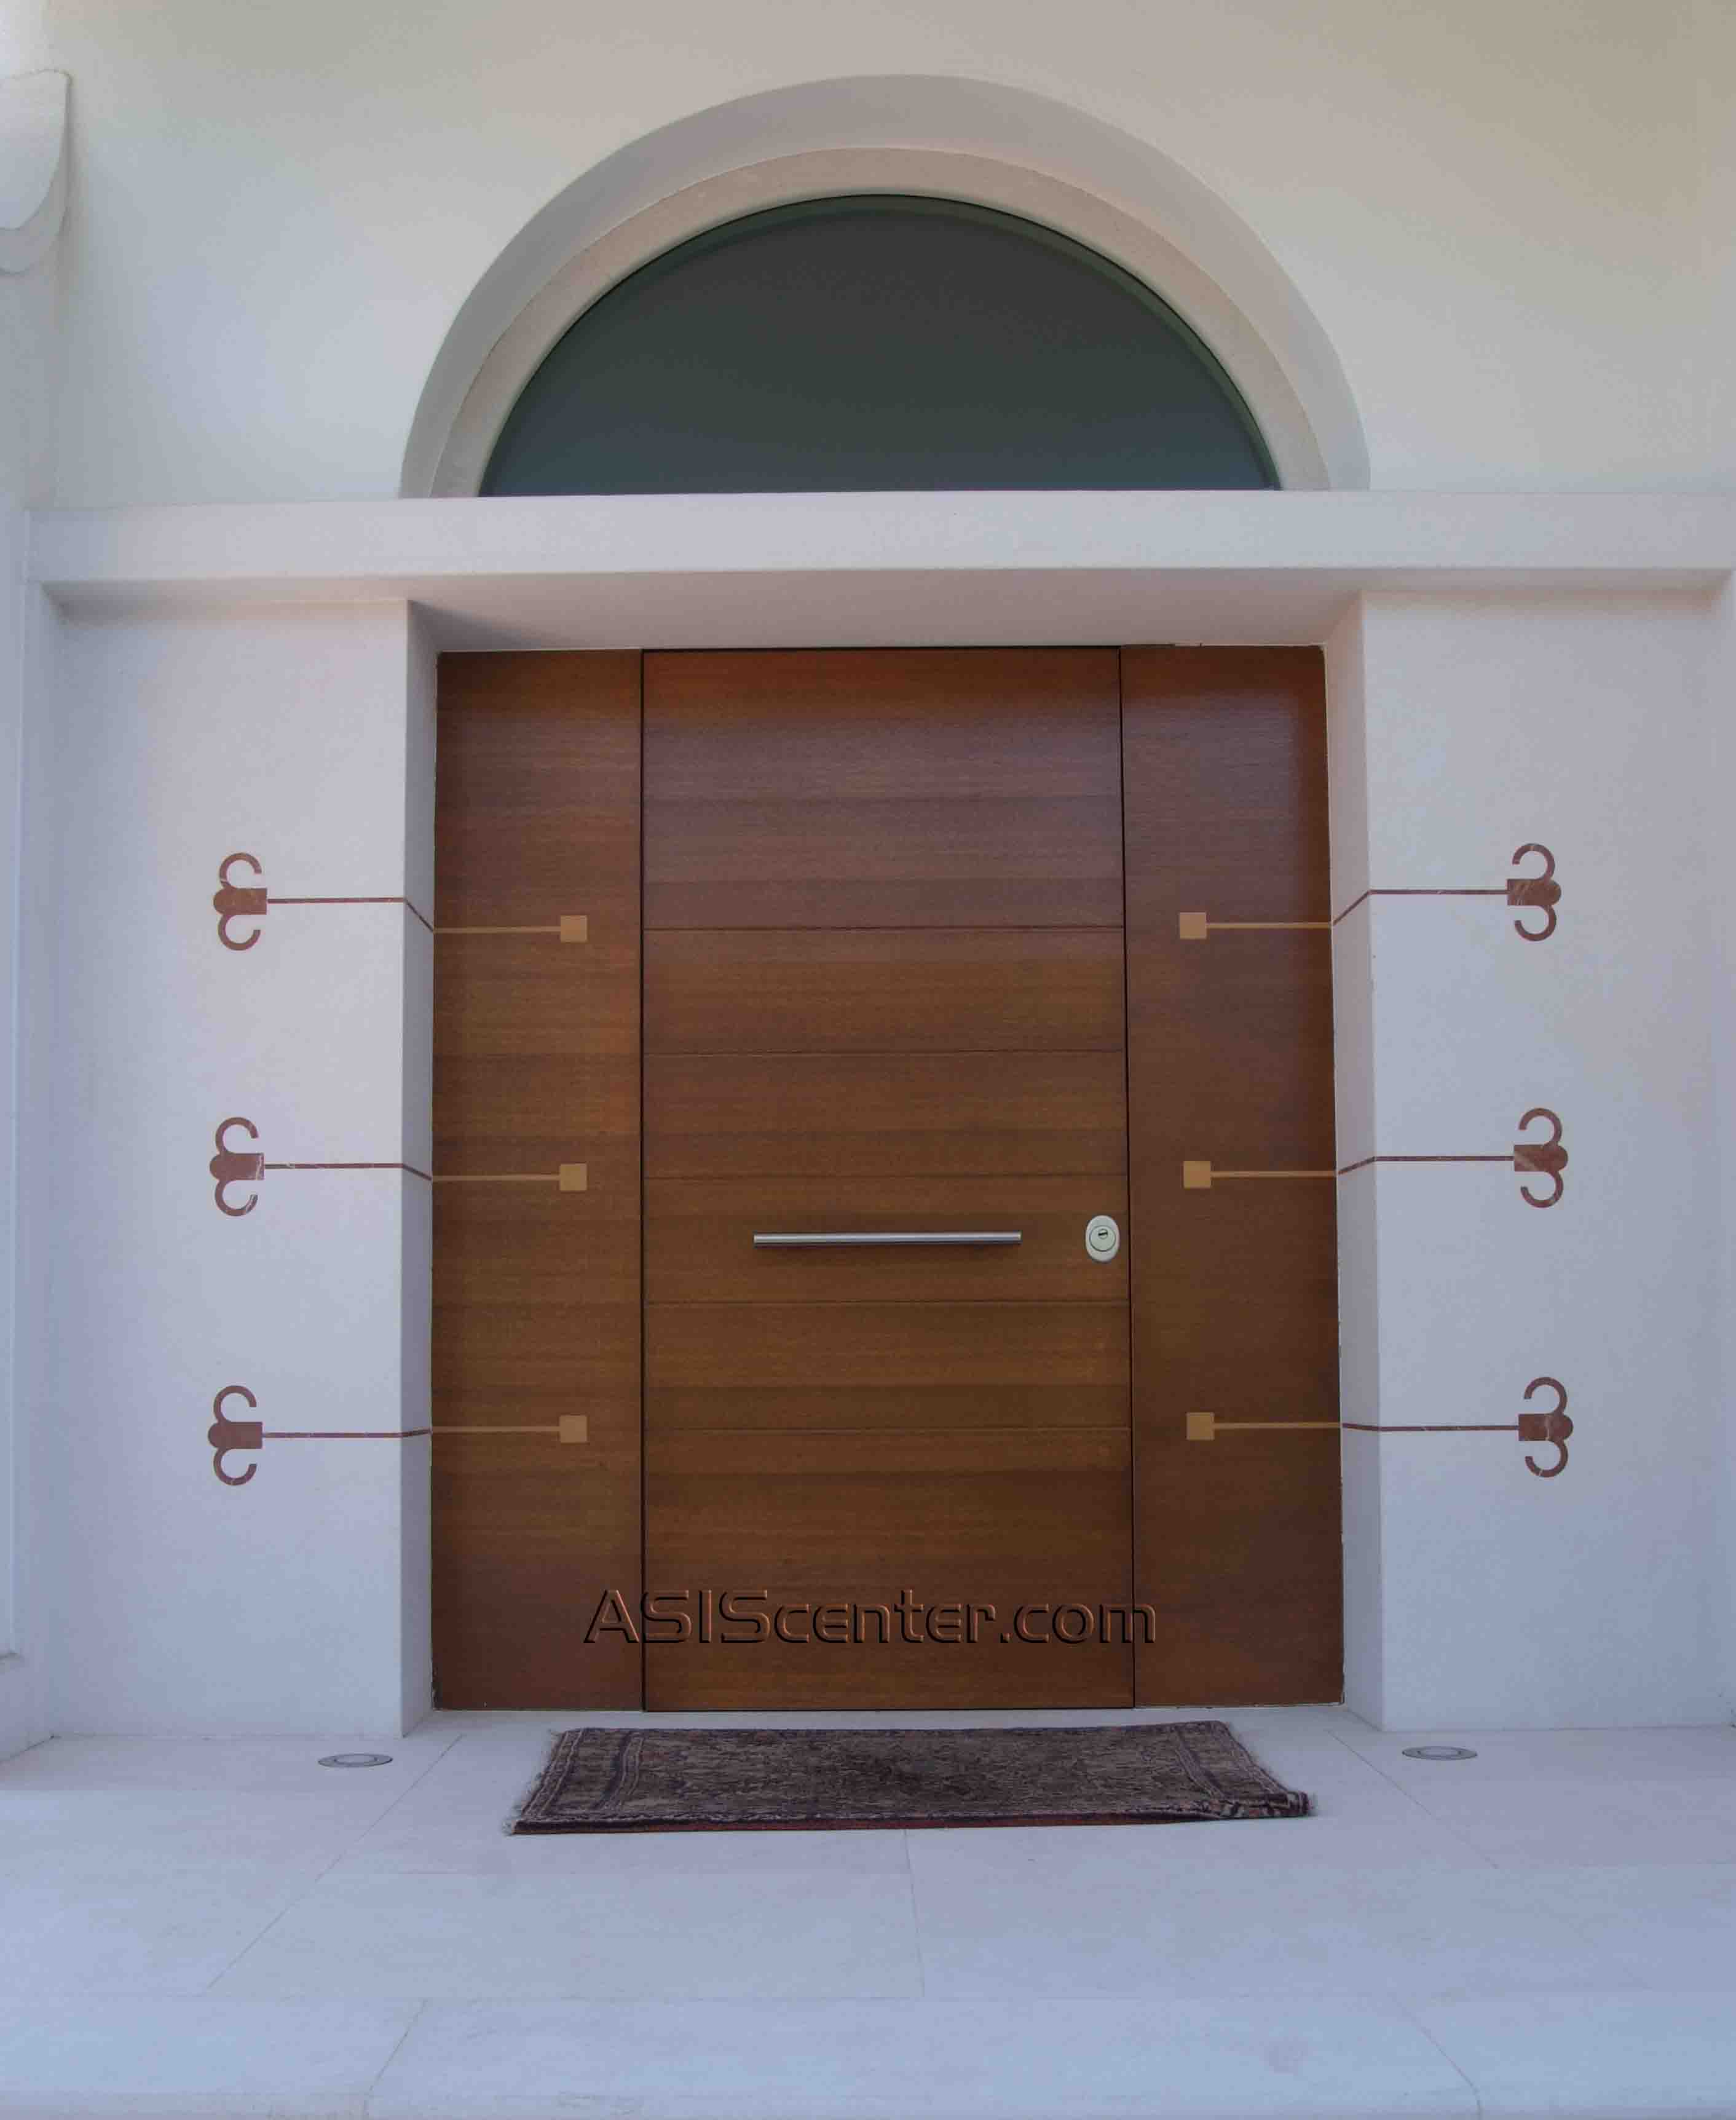 puertas acorazadas imagenes ue puertas acorazadas a la misma linea